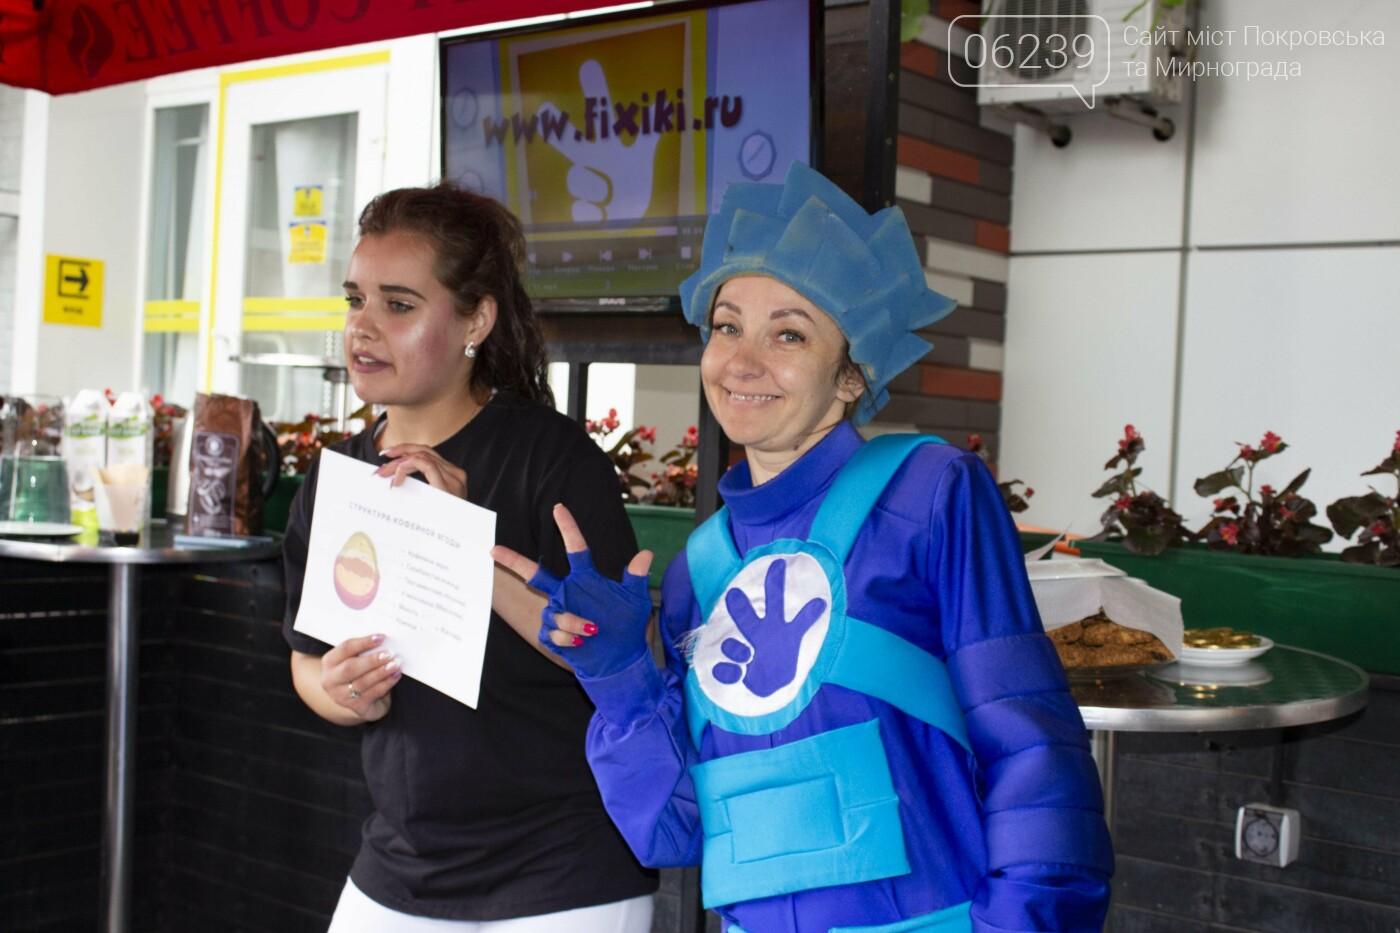 В Покровске прошла благотворительная акция для детей с инвалидностью, - ФОТО, фото-8